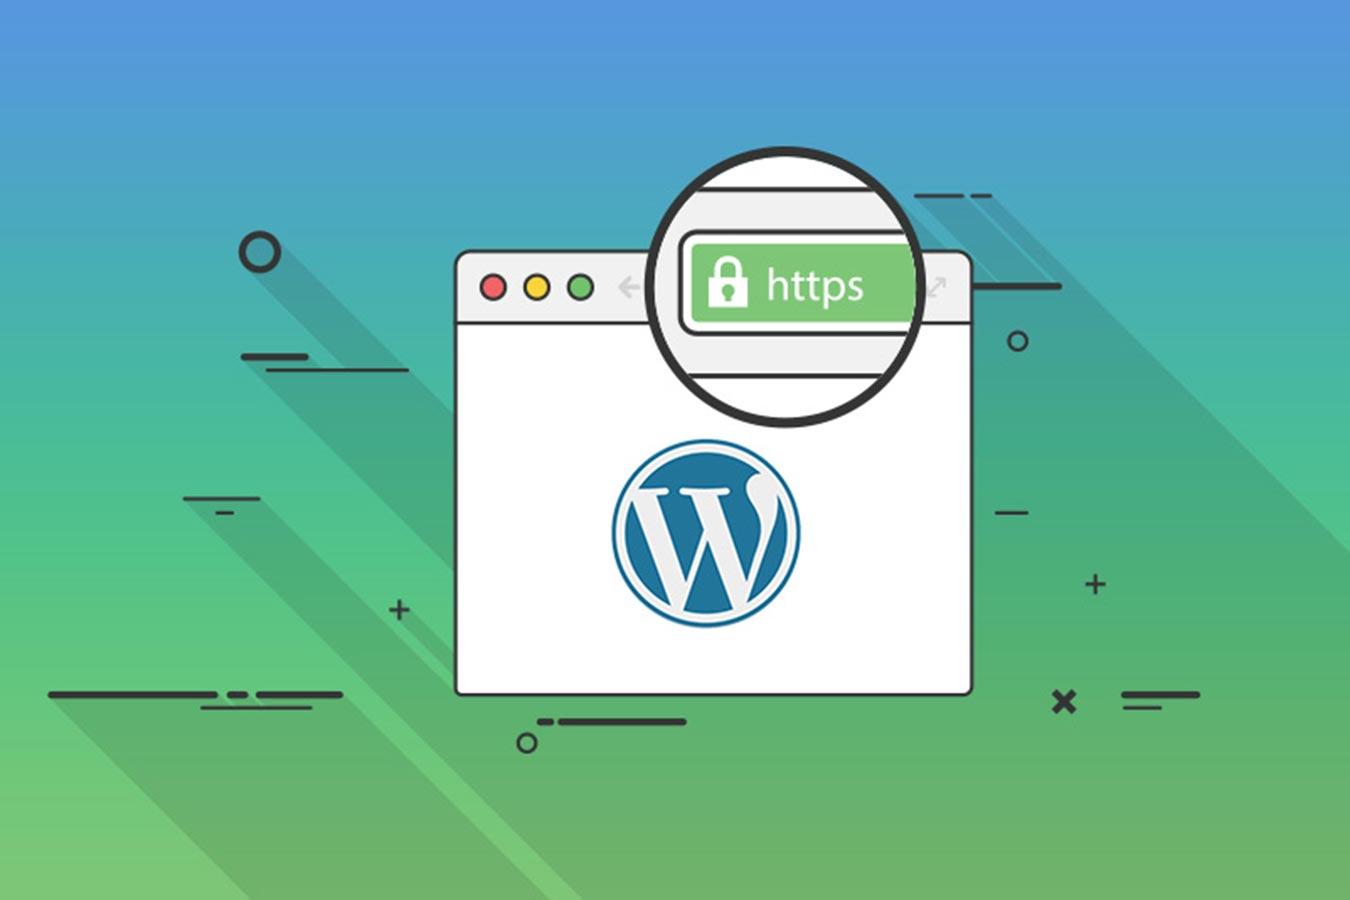 Certificado SSL – ¿Qué es y para qué sirve?